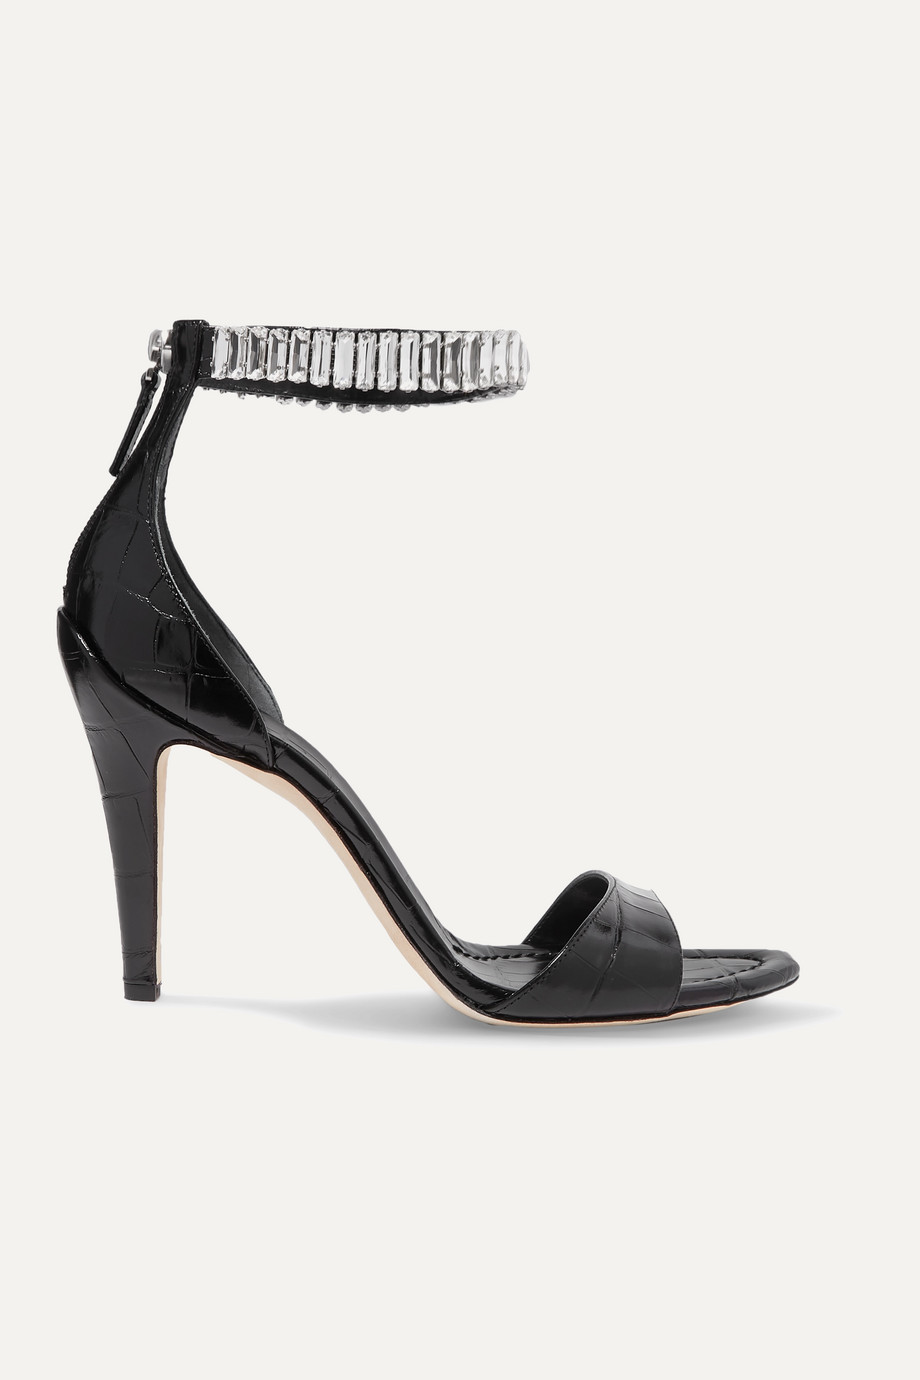 Chloé Crystal-embellished croc-effect leather sandals